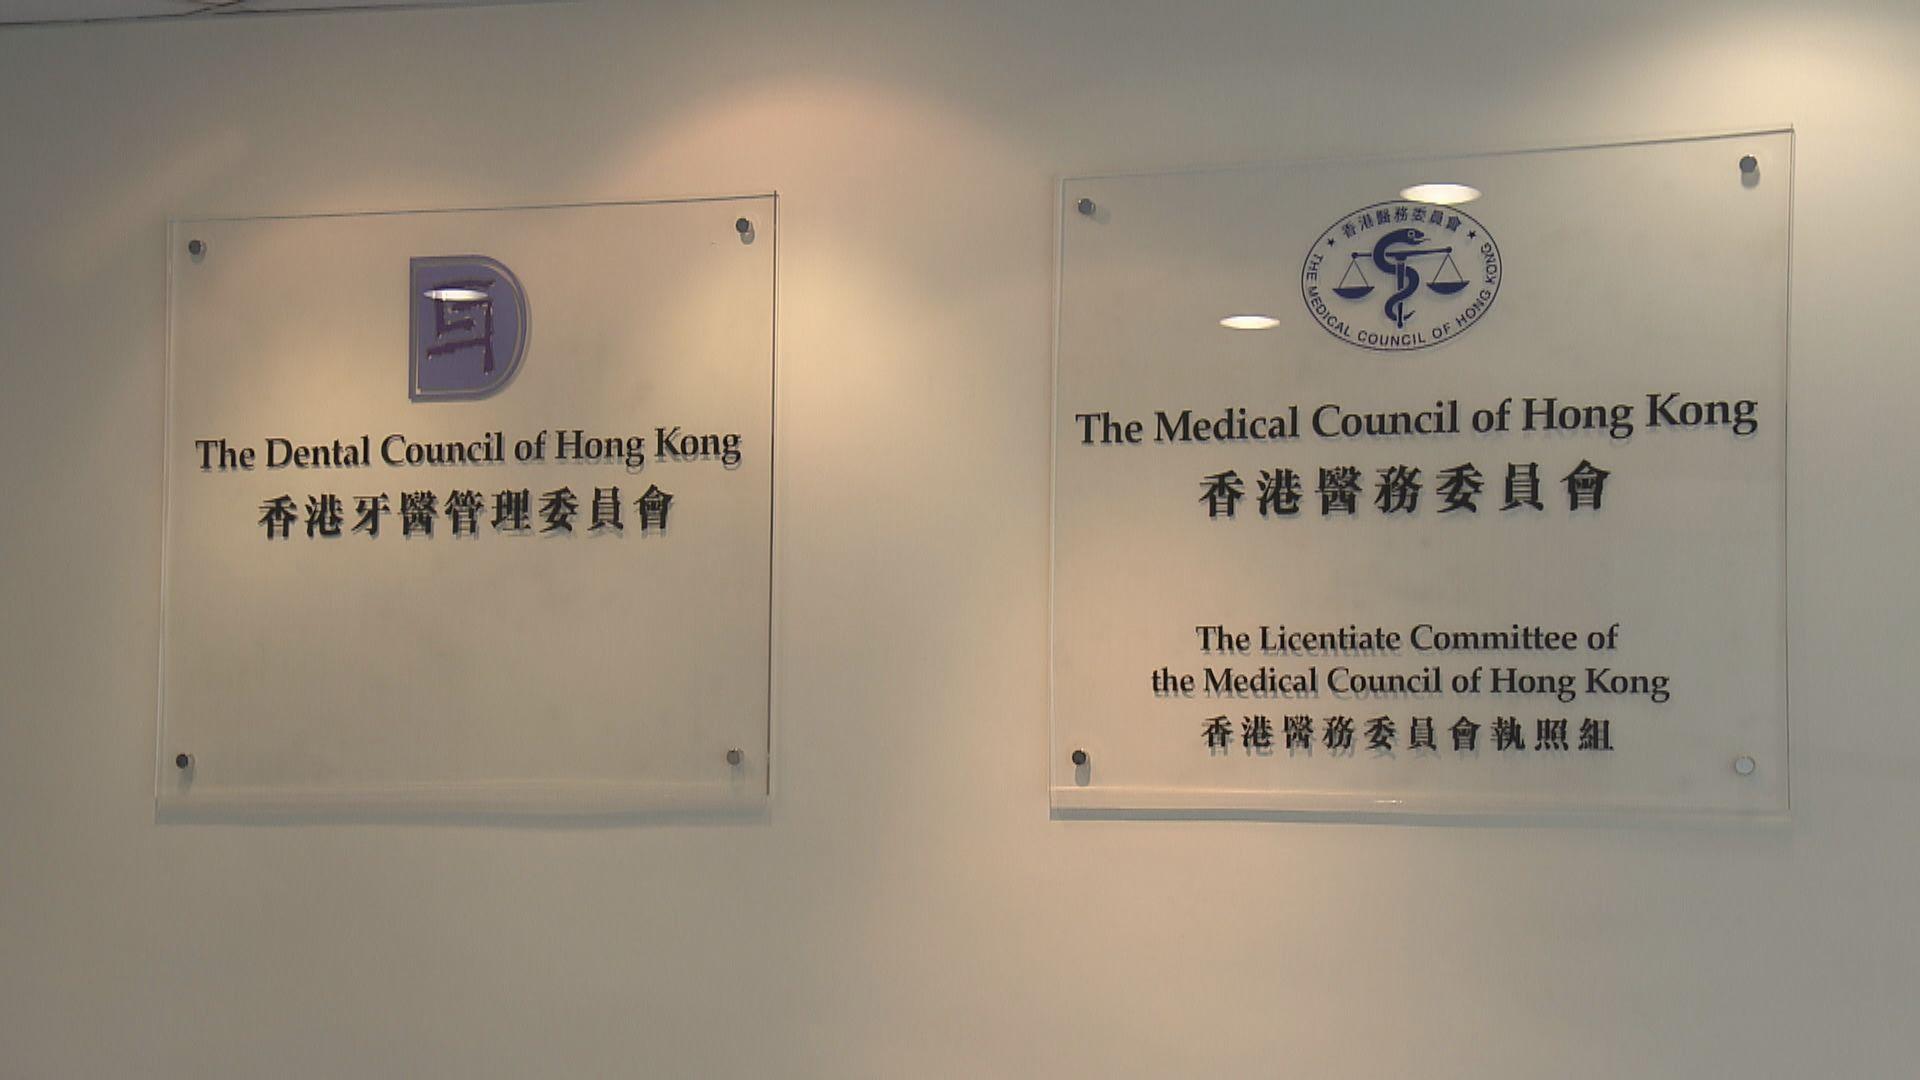 醫委會三個醫生直選委員由「開明派」當選